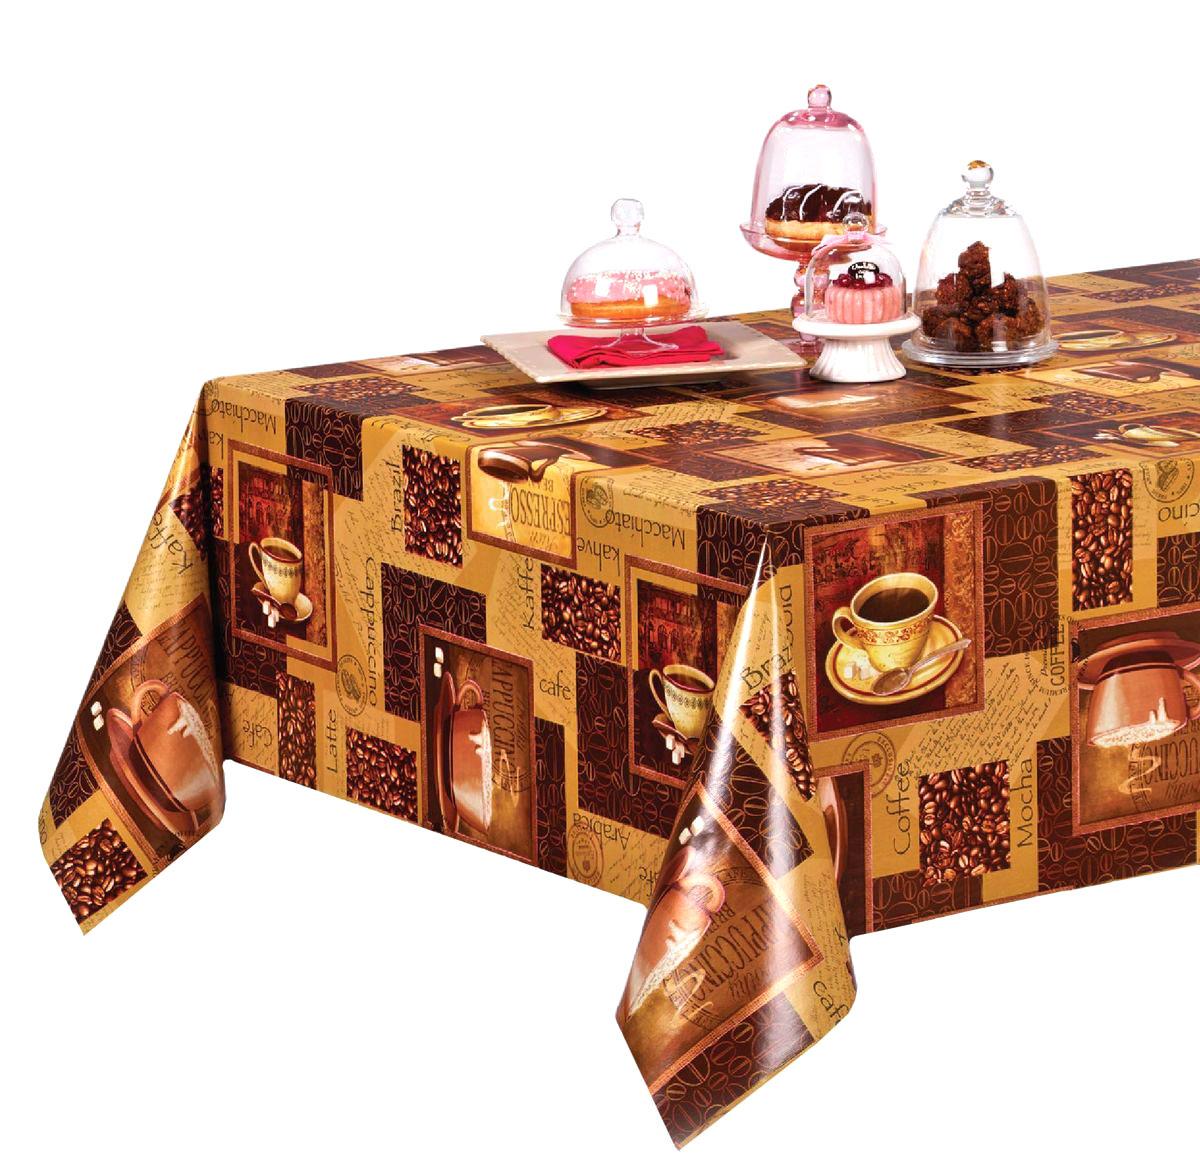 Столовая клеенка Florista с ярким дизайном украсит ваш стол и защитит его от царапин и пятен. Благодаря основе из нетканого материала не скользит по столу. Клеенка не имеет запаха и совершенно безопасна для человека.